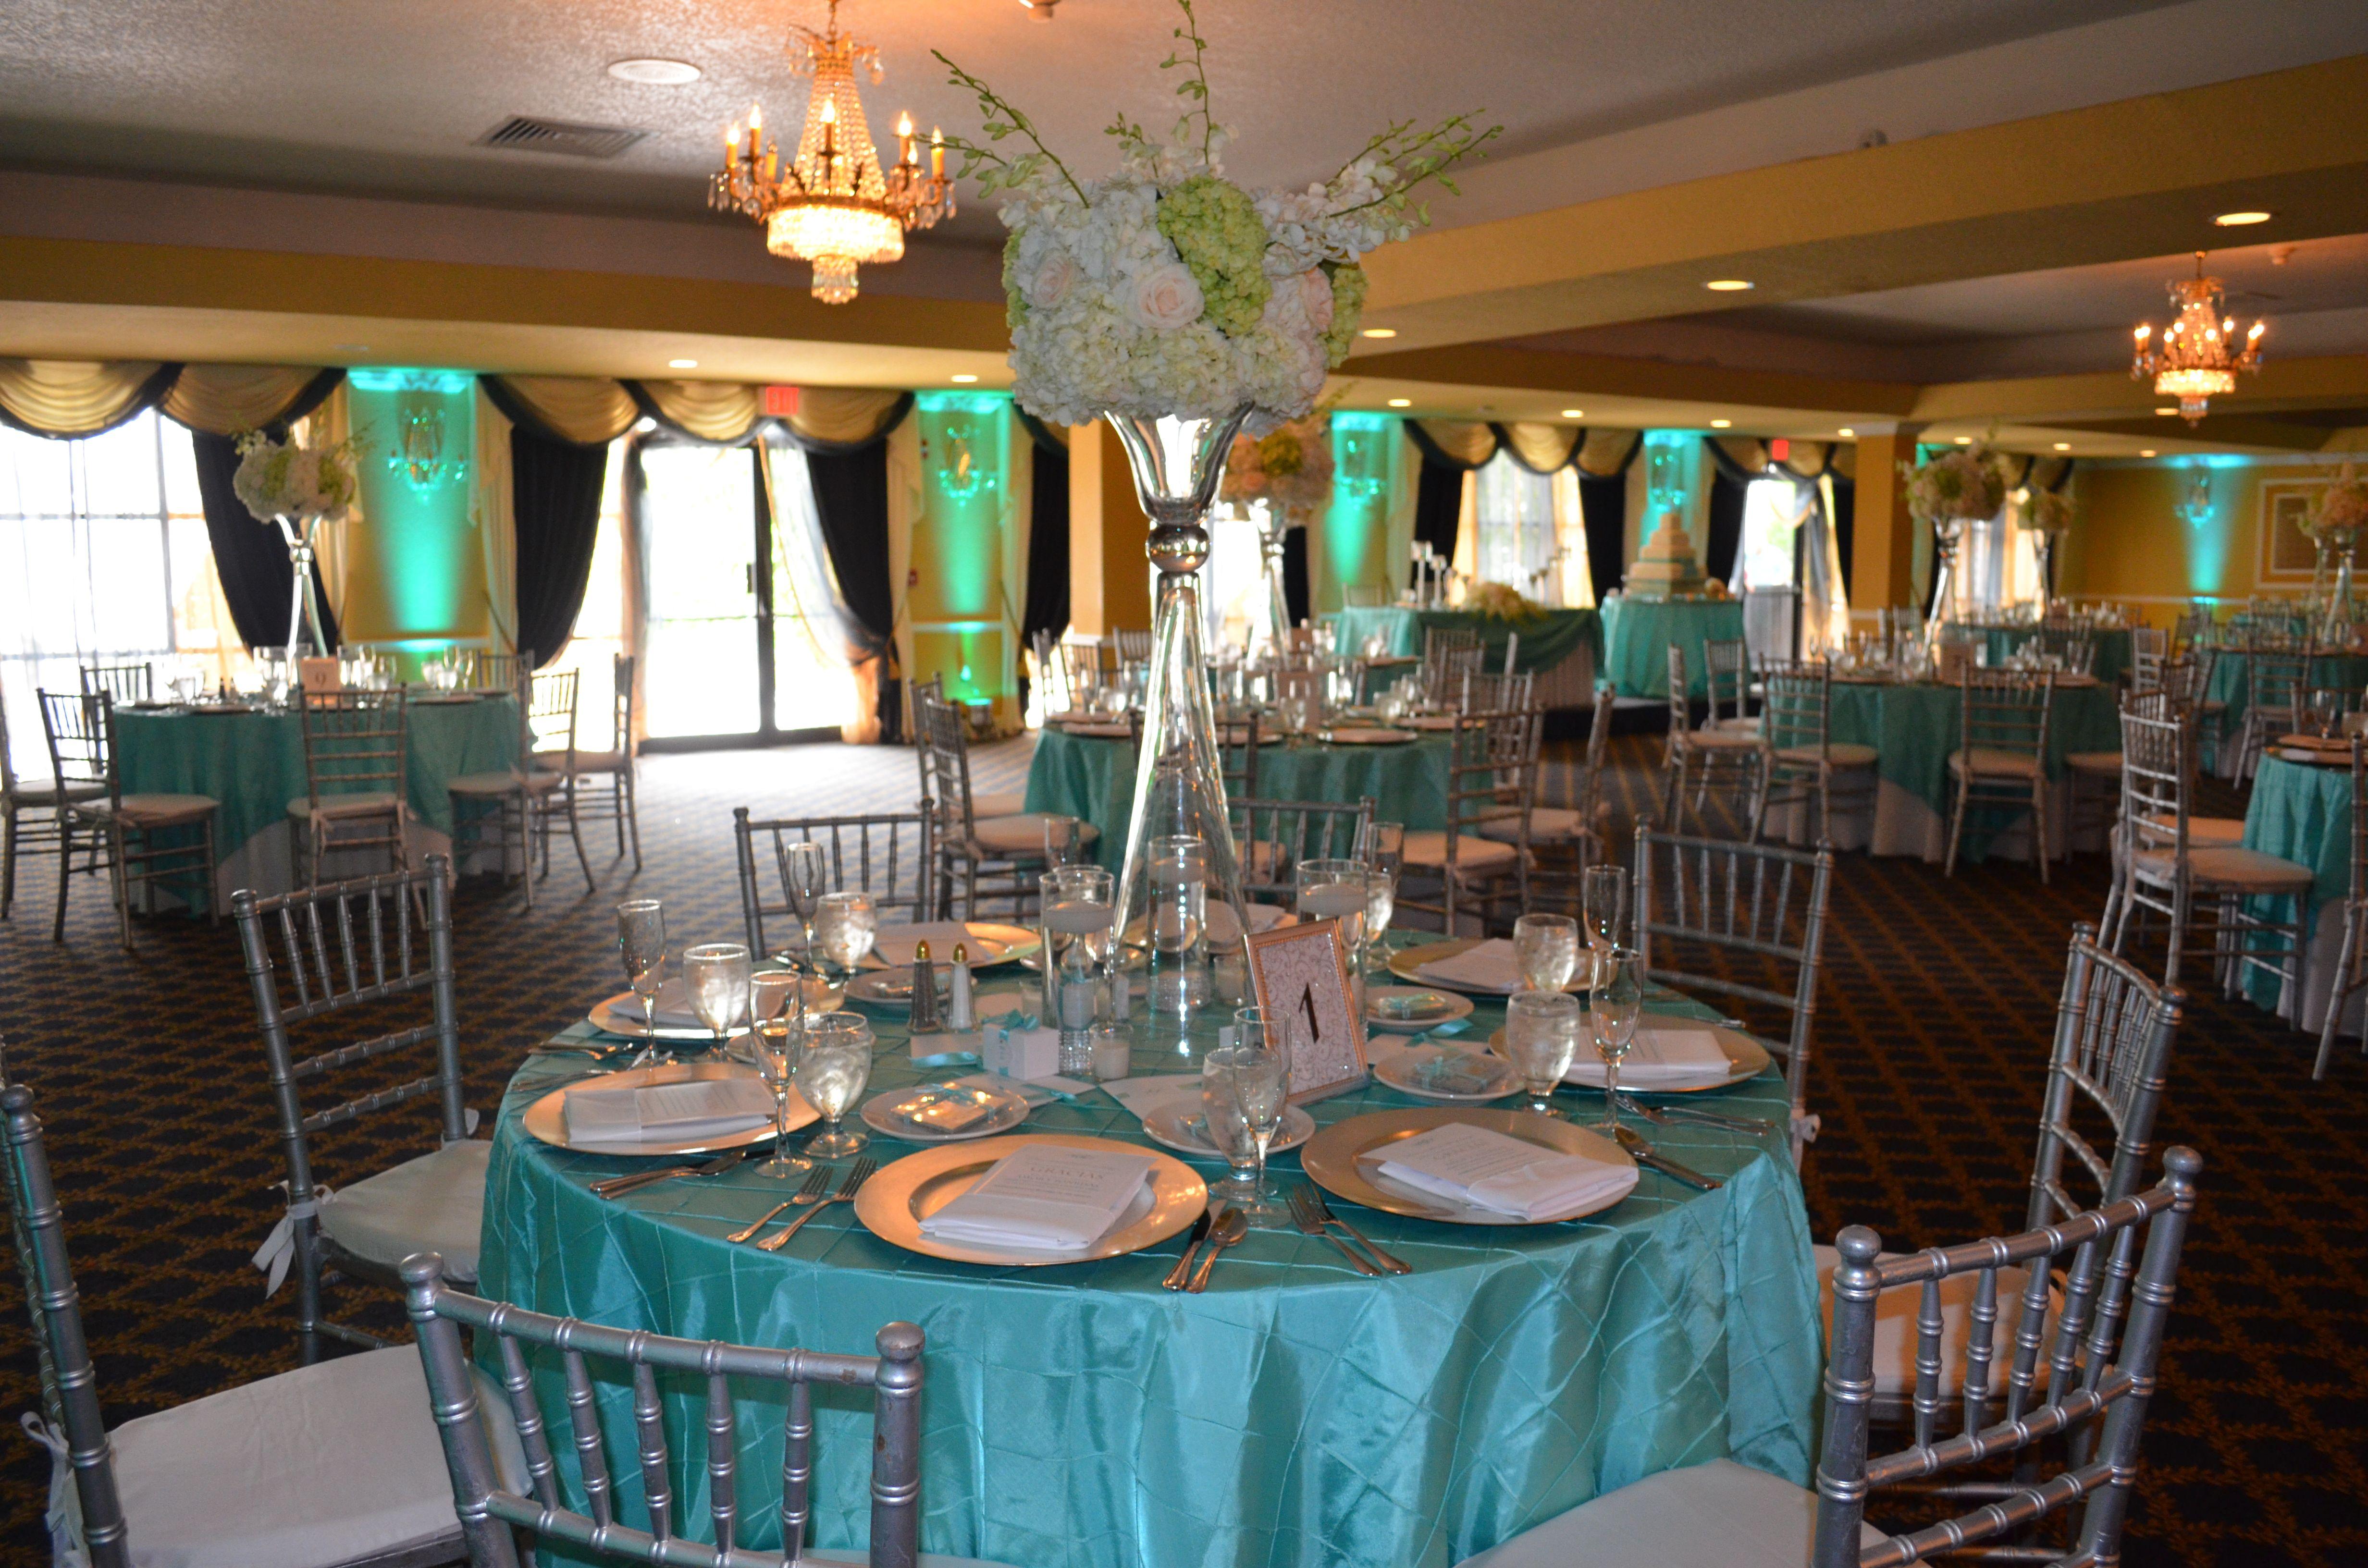 sunday daytime wedding reception with tiffany blue satin overlays